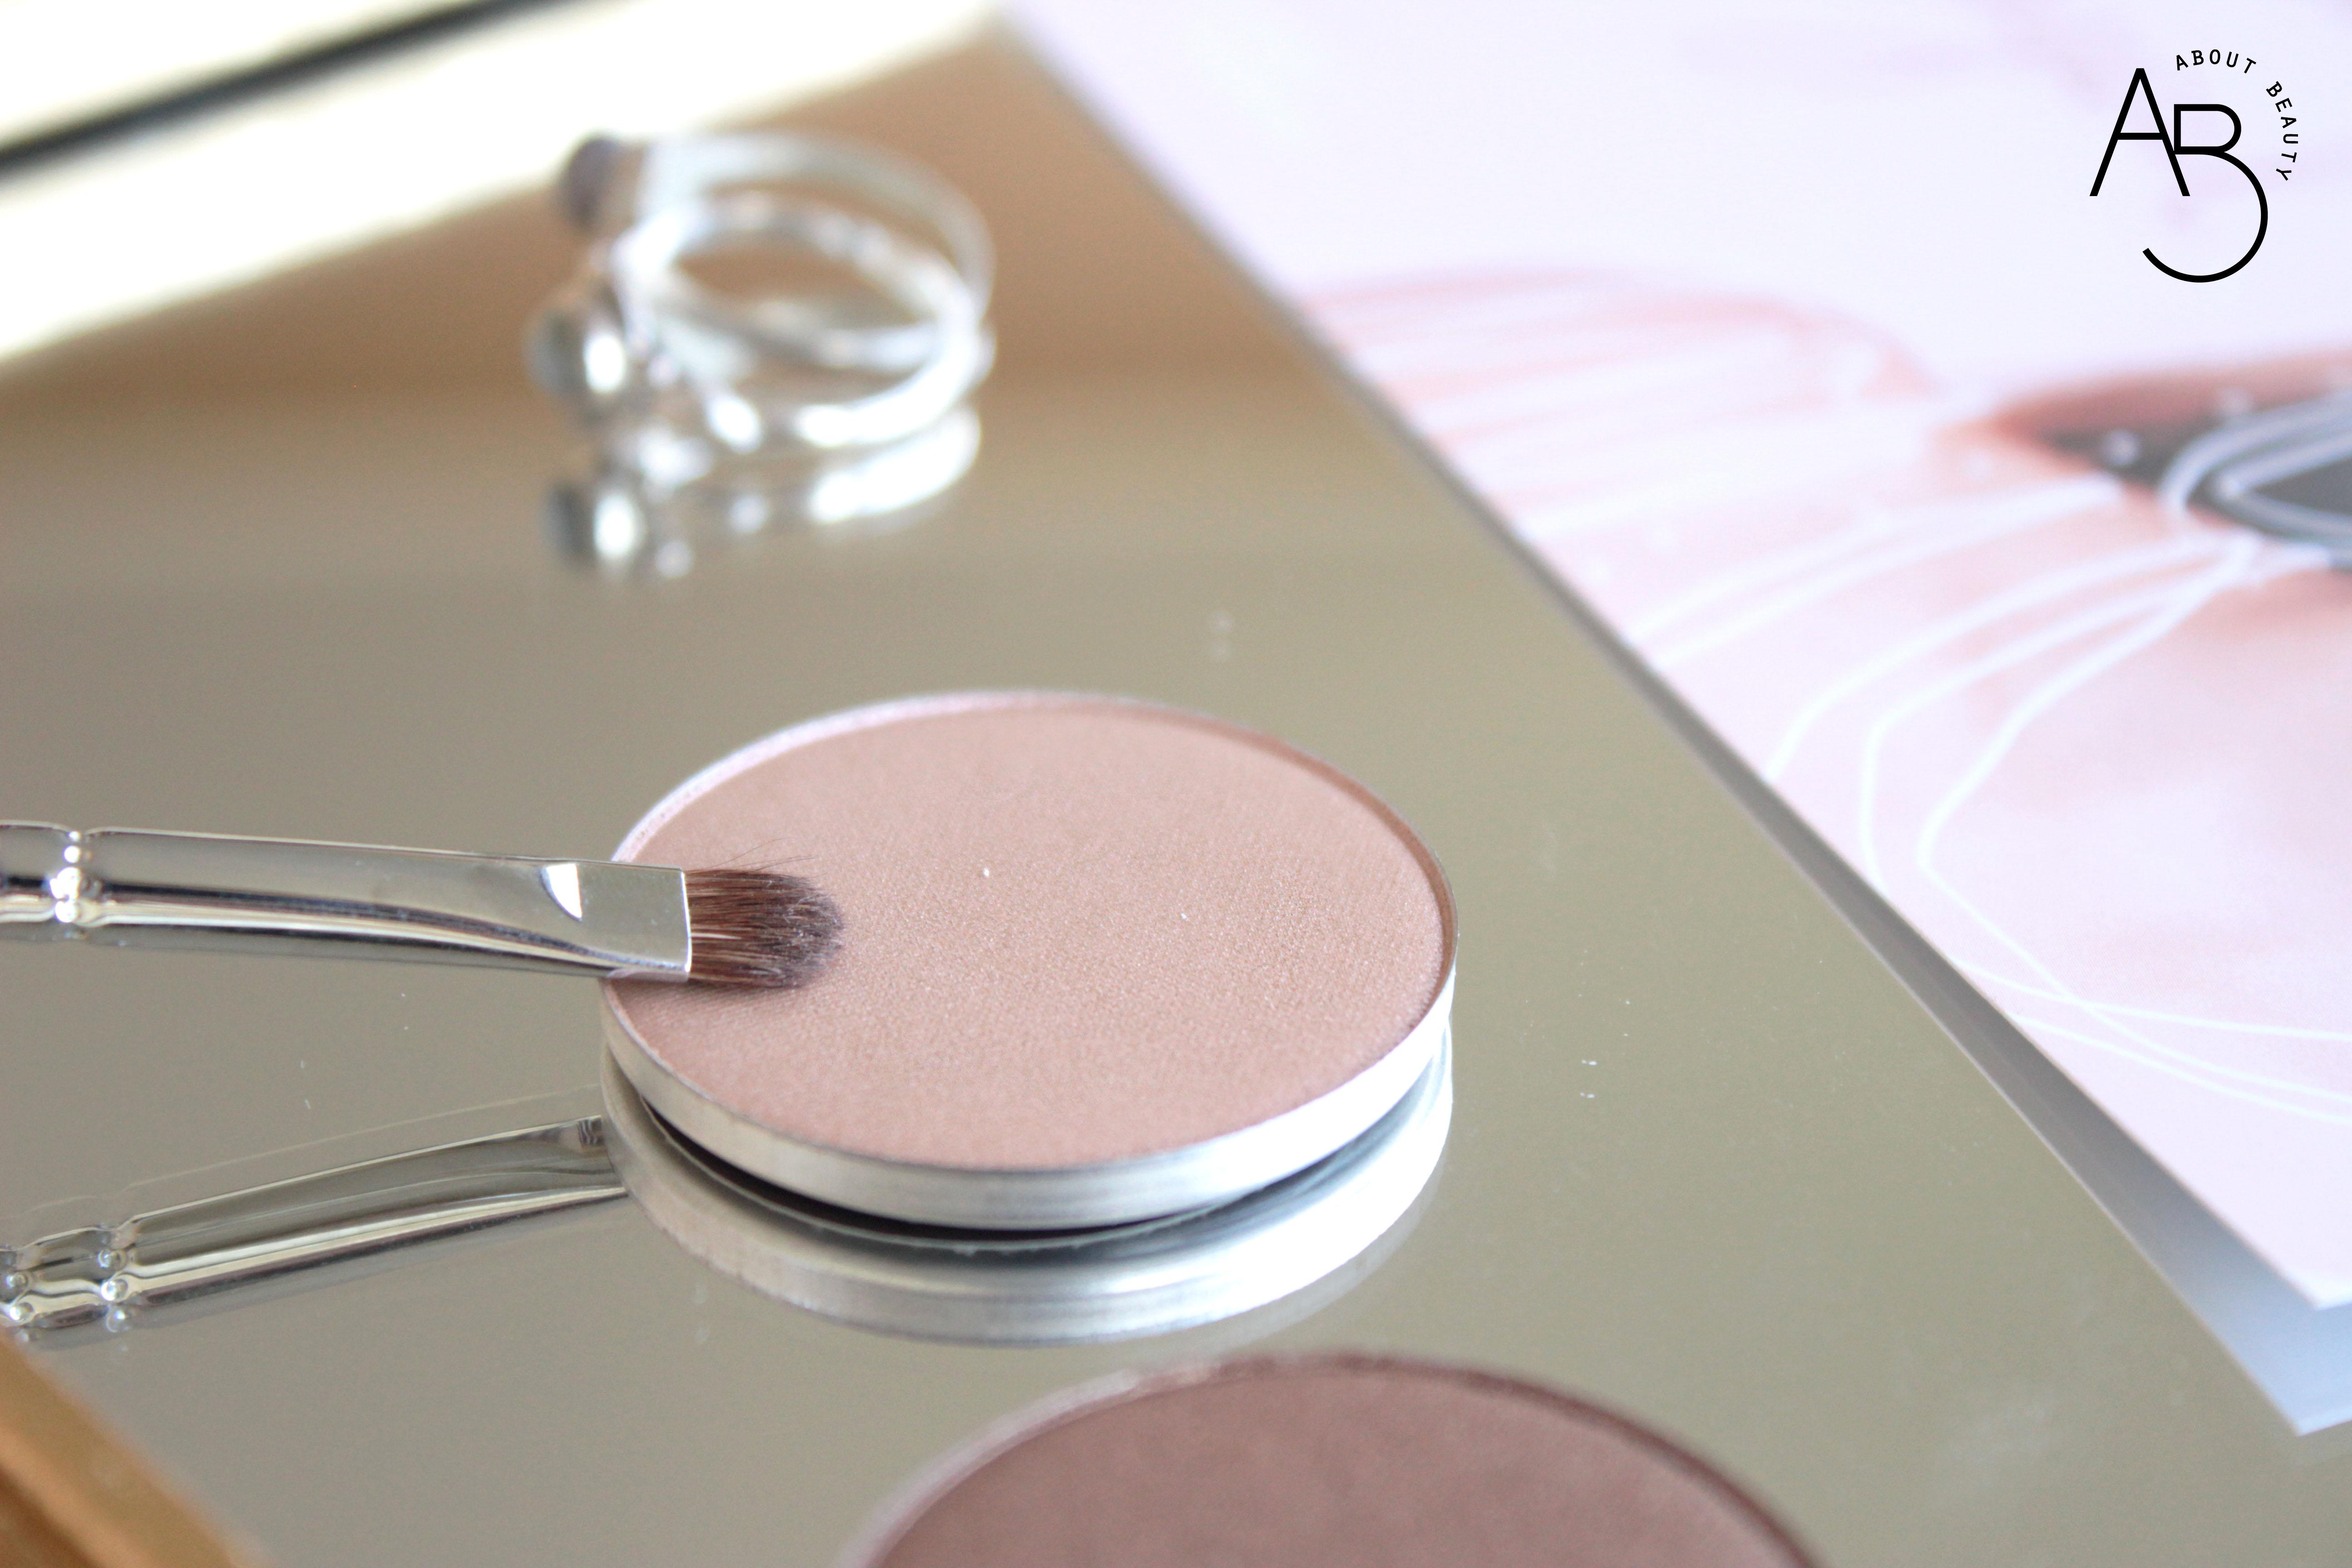 Neve Cosmetics Minimal Magical Nuova Collezione Autunno Inverno 2018 - Recensione, review, info, inci, swatches, prezzo, sconto - Ombretto Saudade